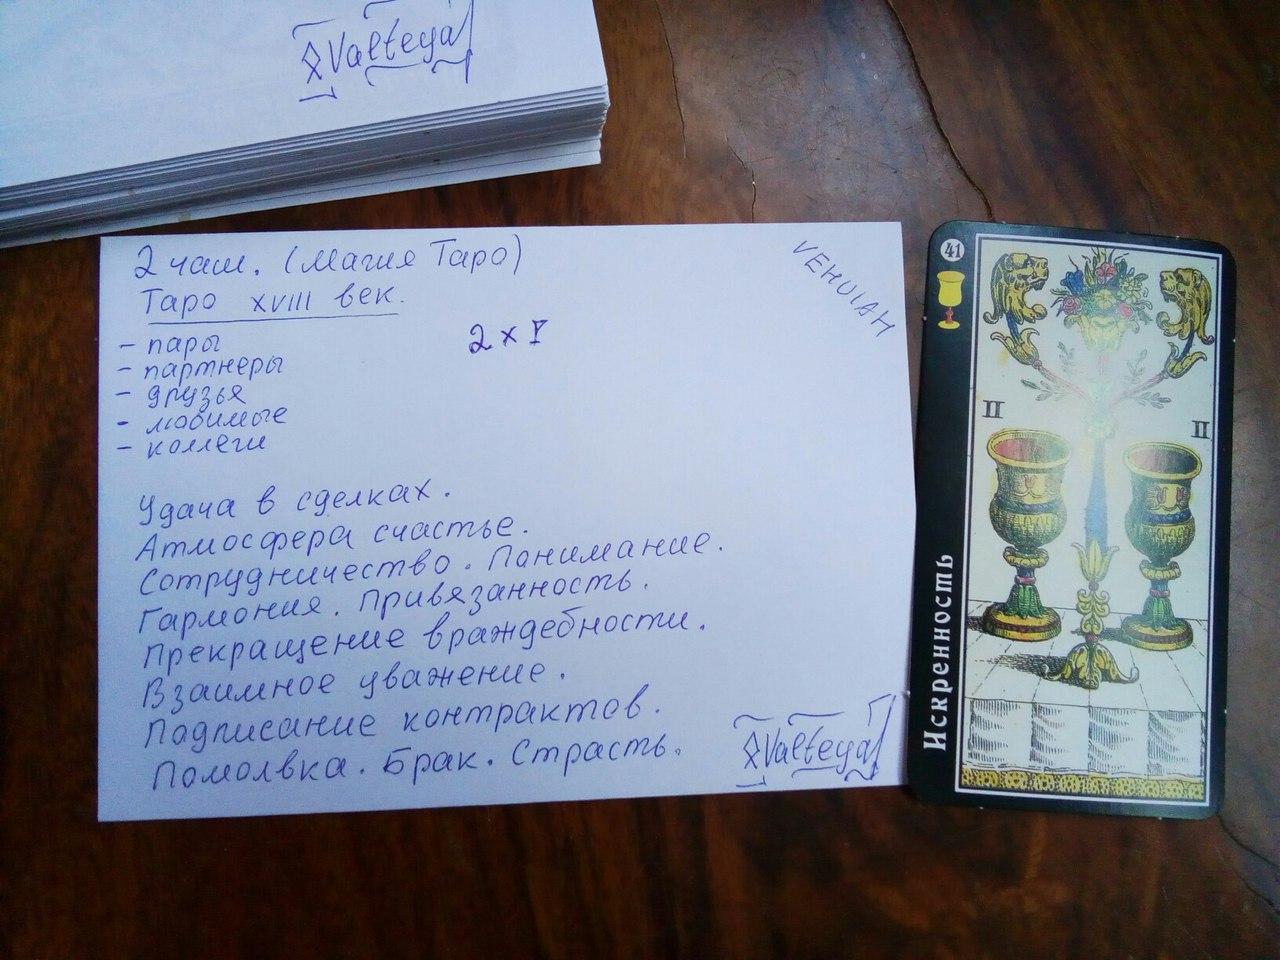 Рунограмма - Конверты с магическими программами от Елены Руденко. Ставы, символы, руническая магия.  - Страница 6 BBGv-iC9-9Q